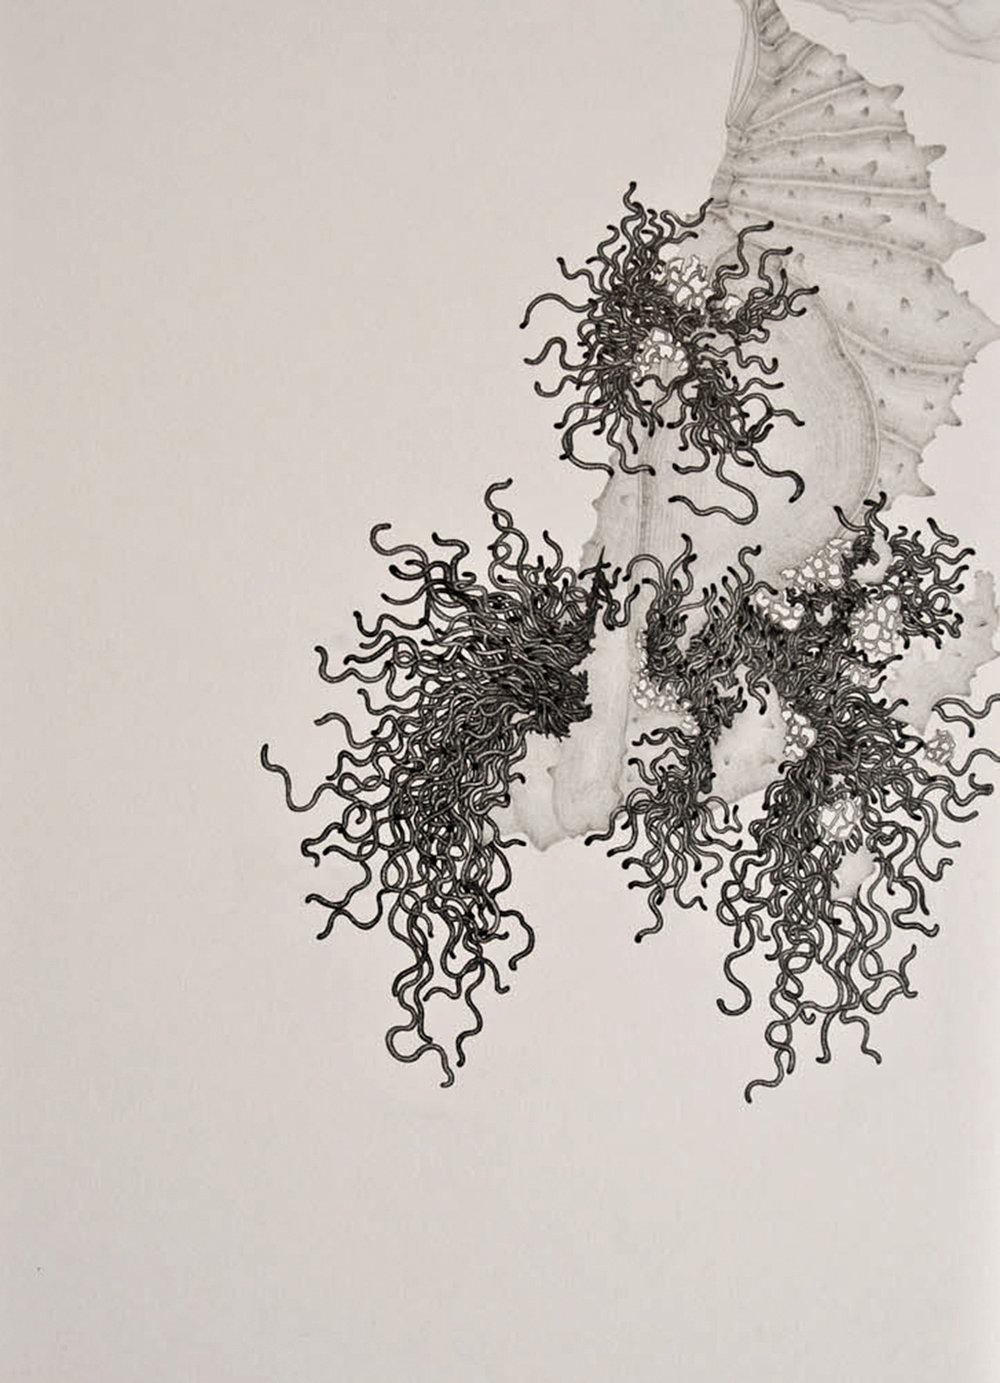 chrysalis001.jpg